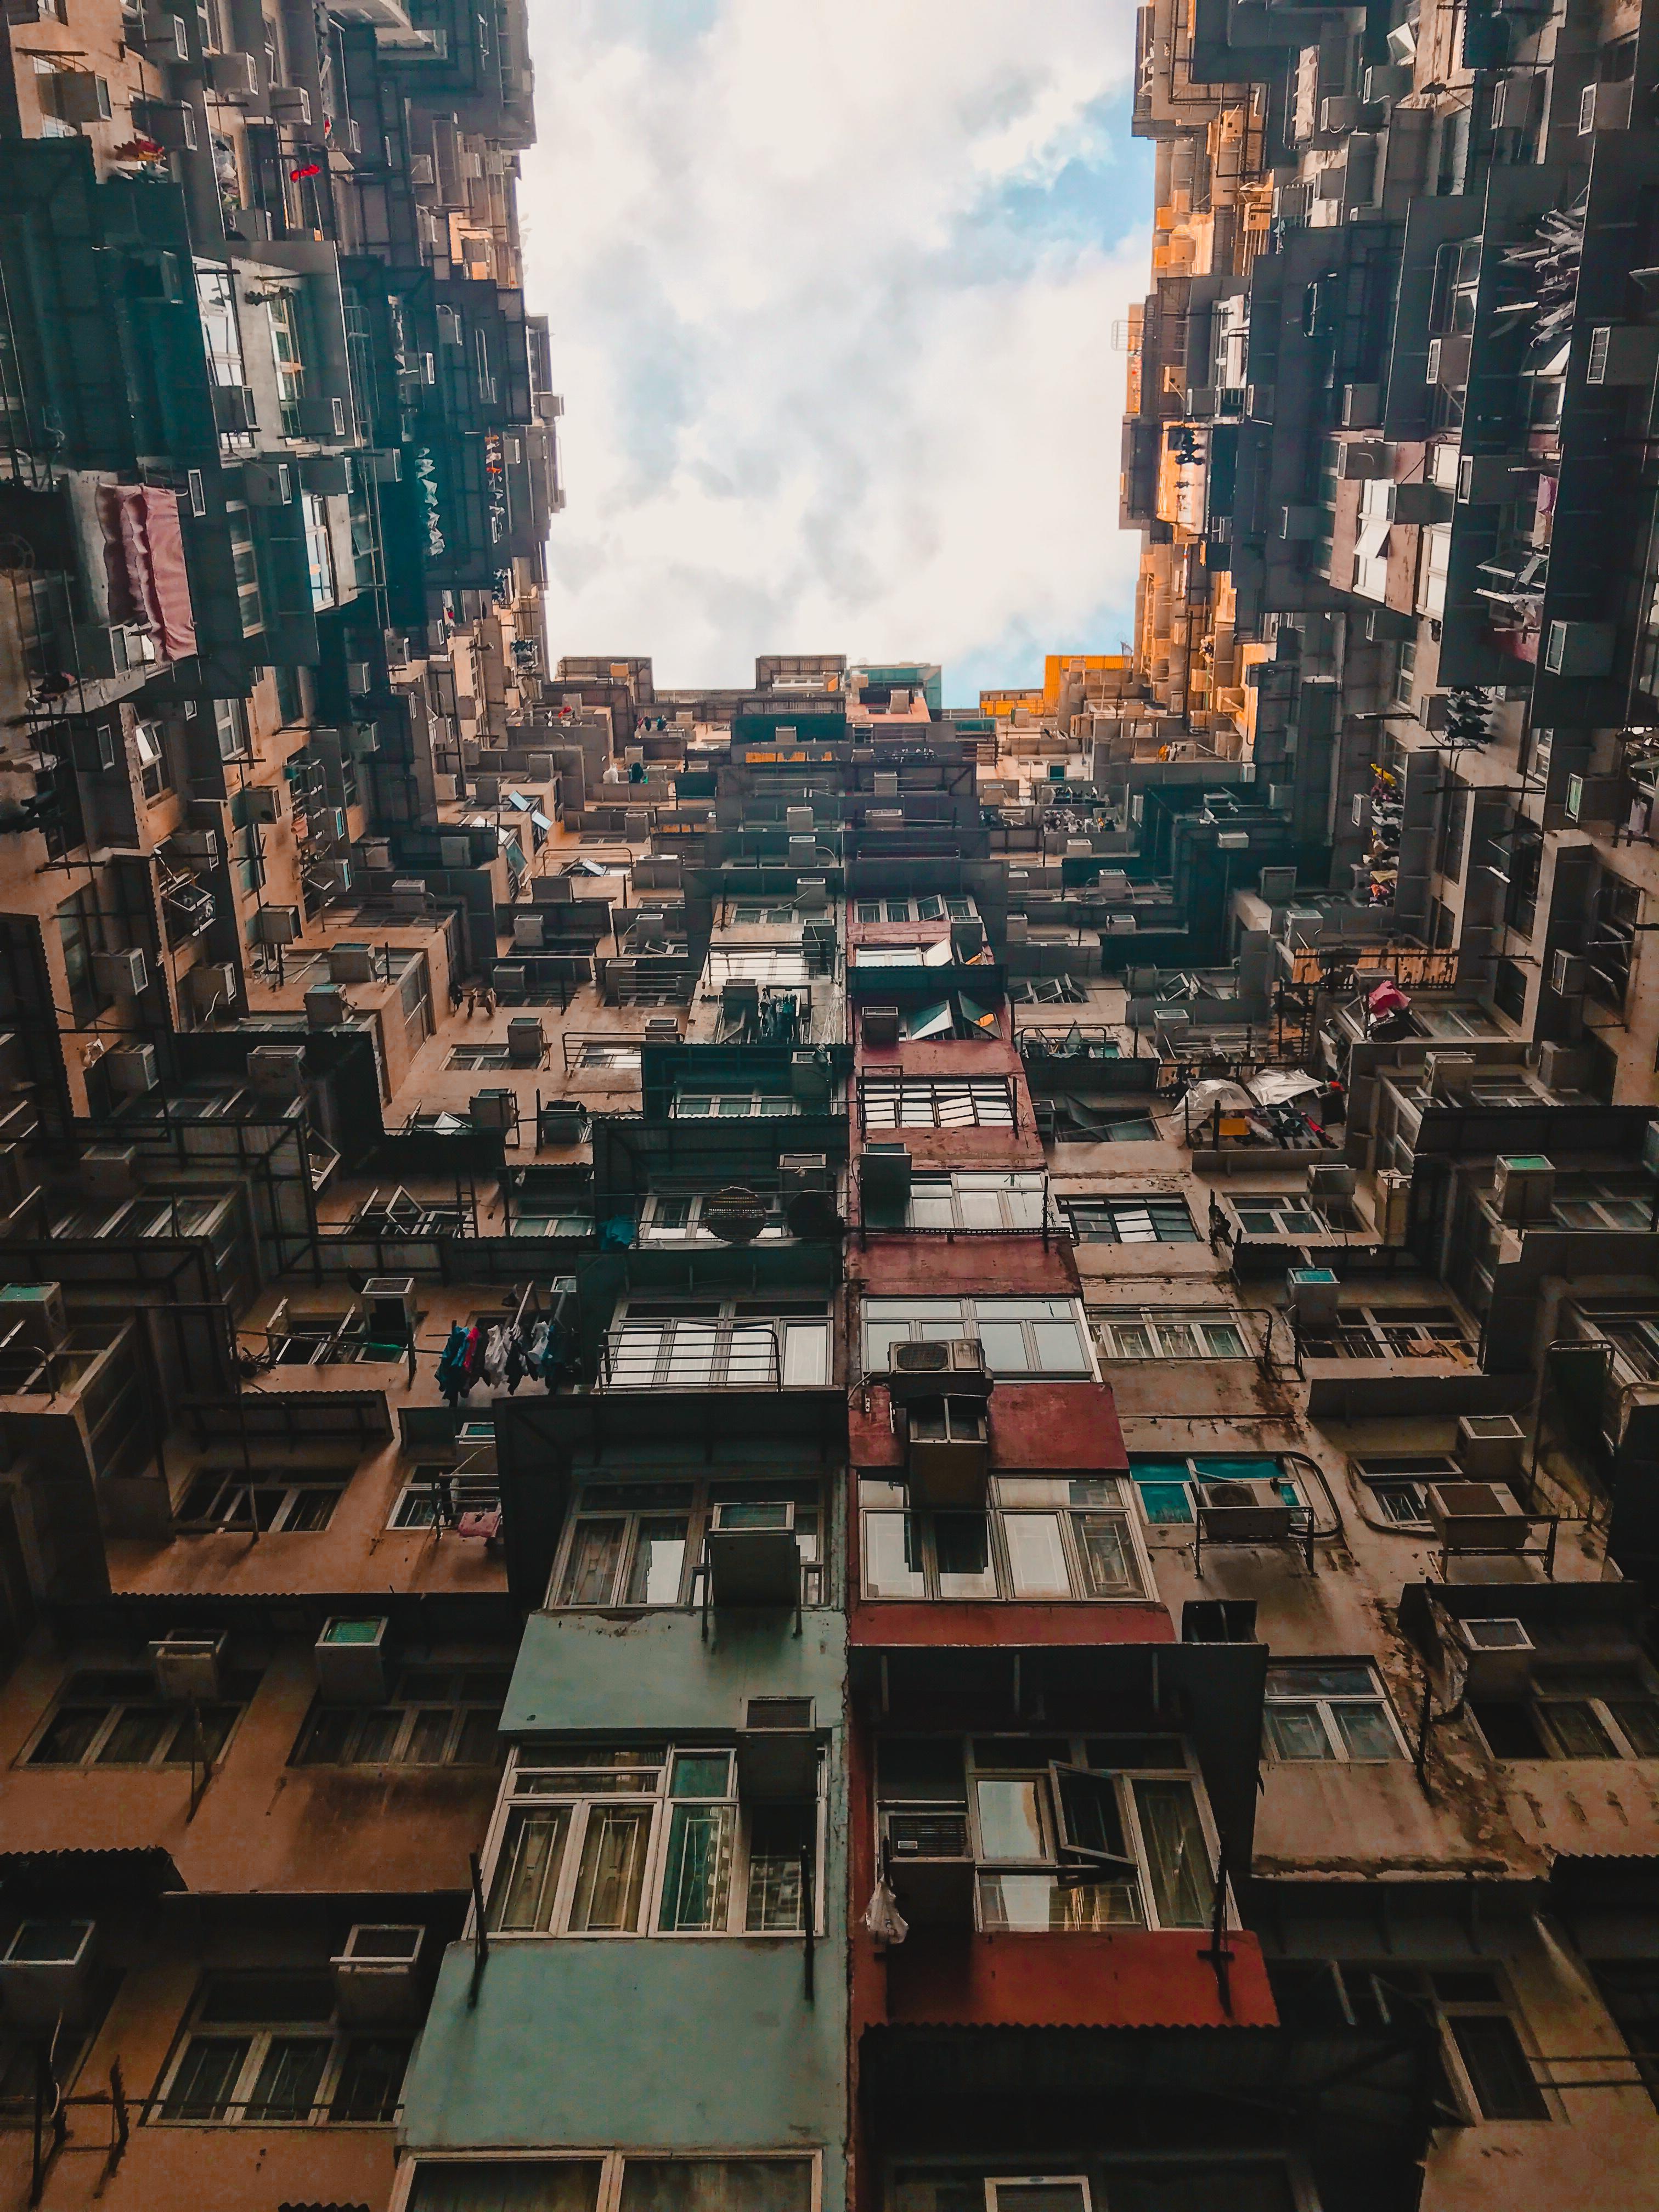 Yick Fat Housing Estate Hong Kong